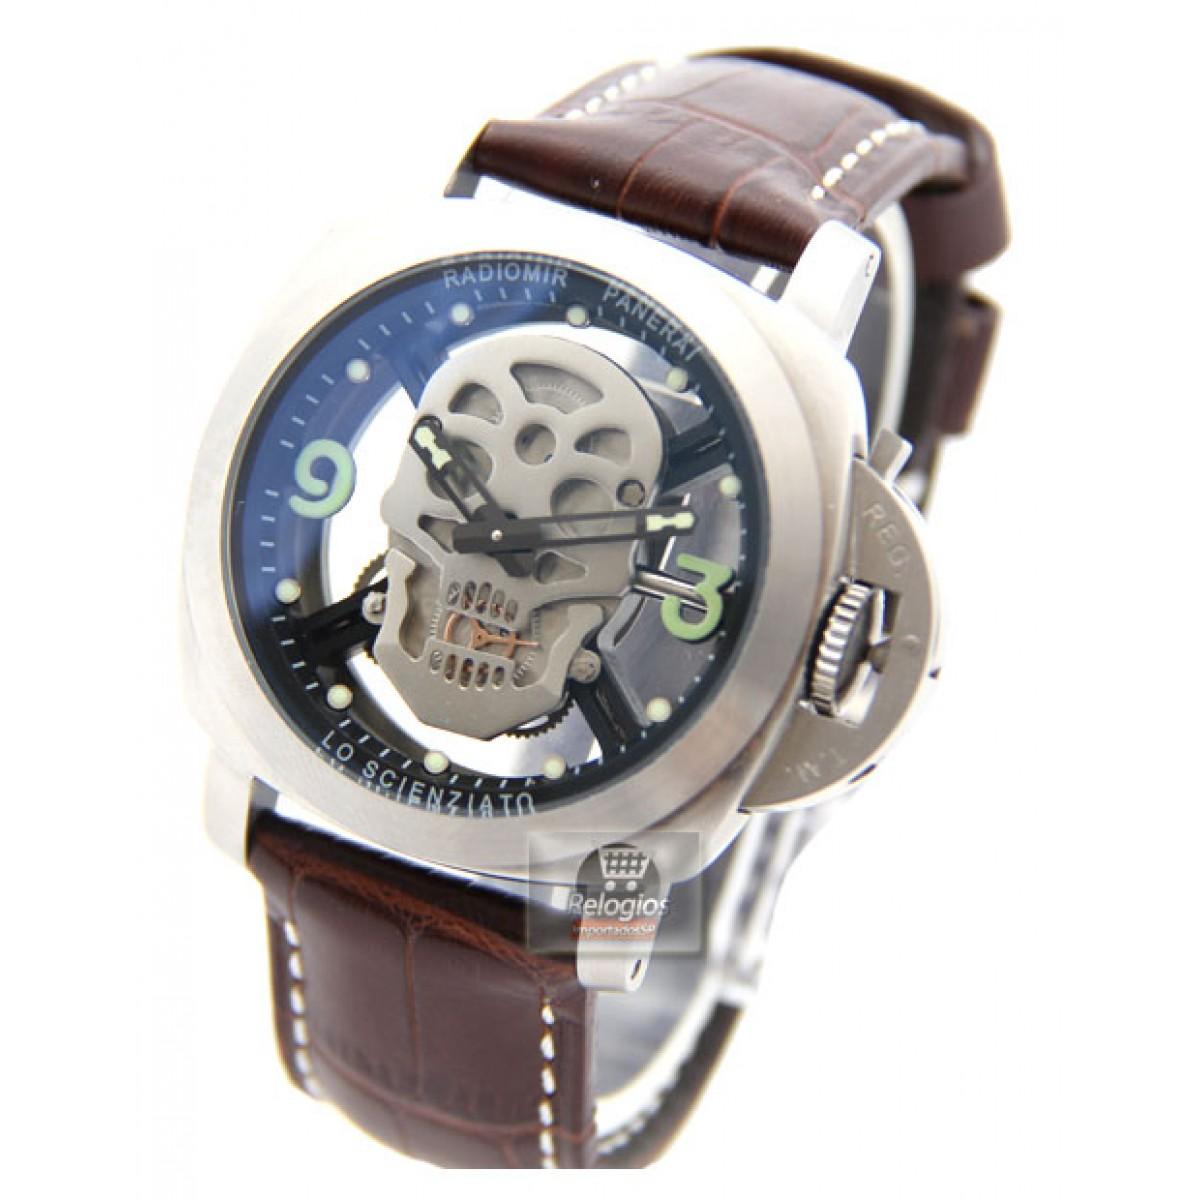 05a552da353 Relógio Réplica Panerai Radiomir Caveira